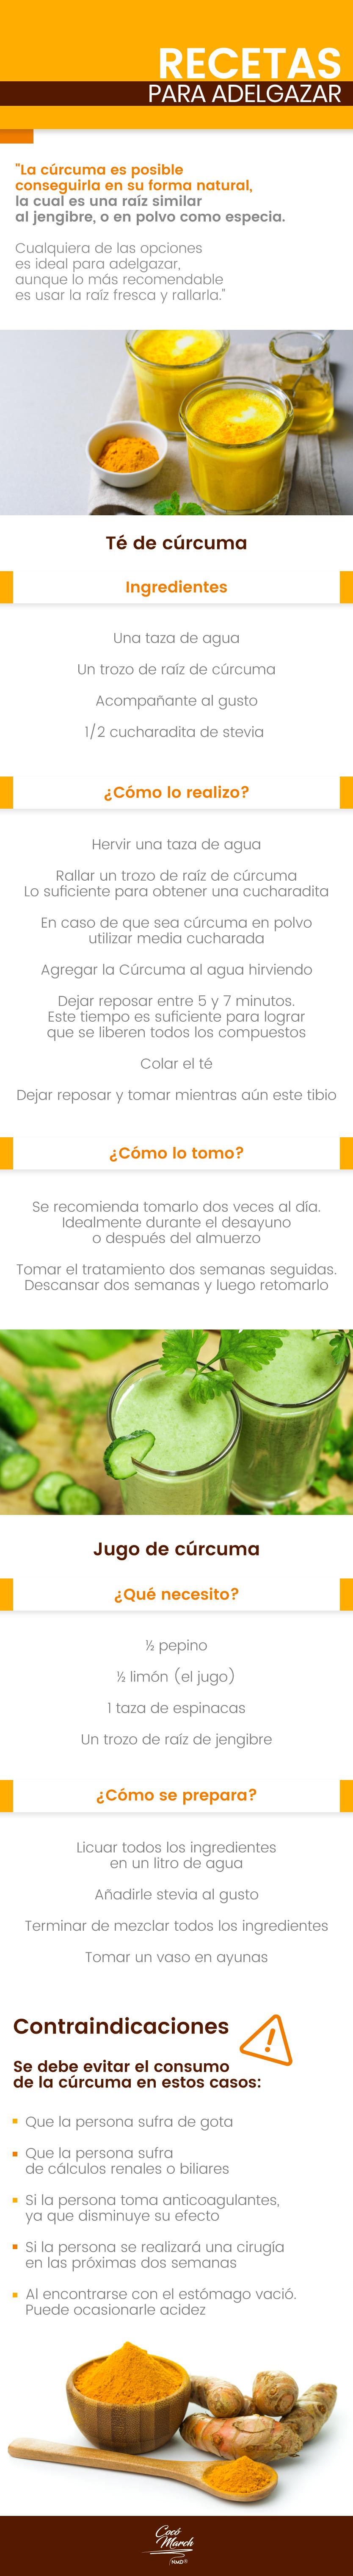 recetas-con-curcuma-para-adelgazar